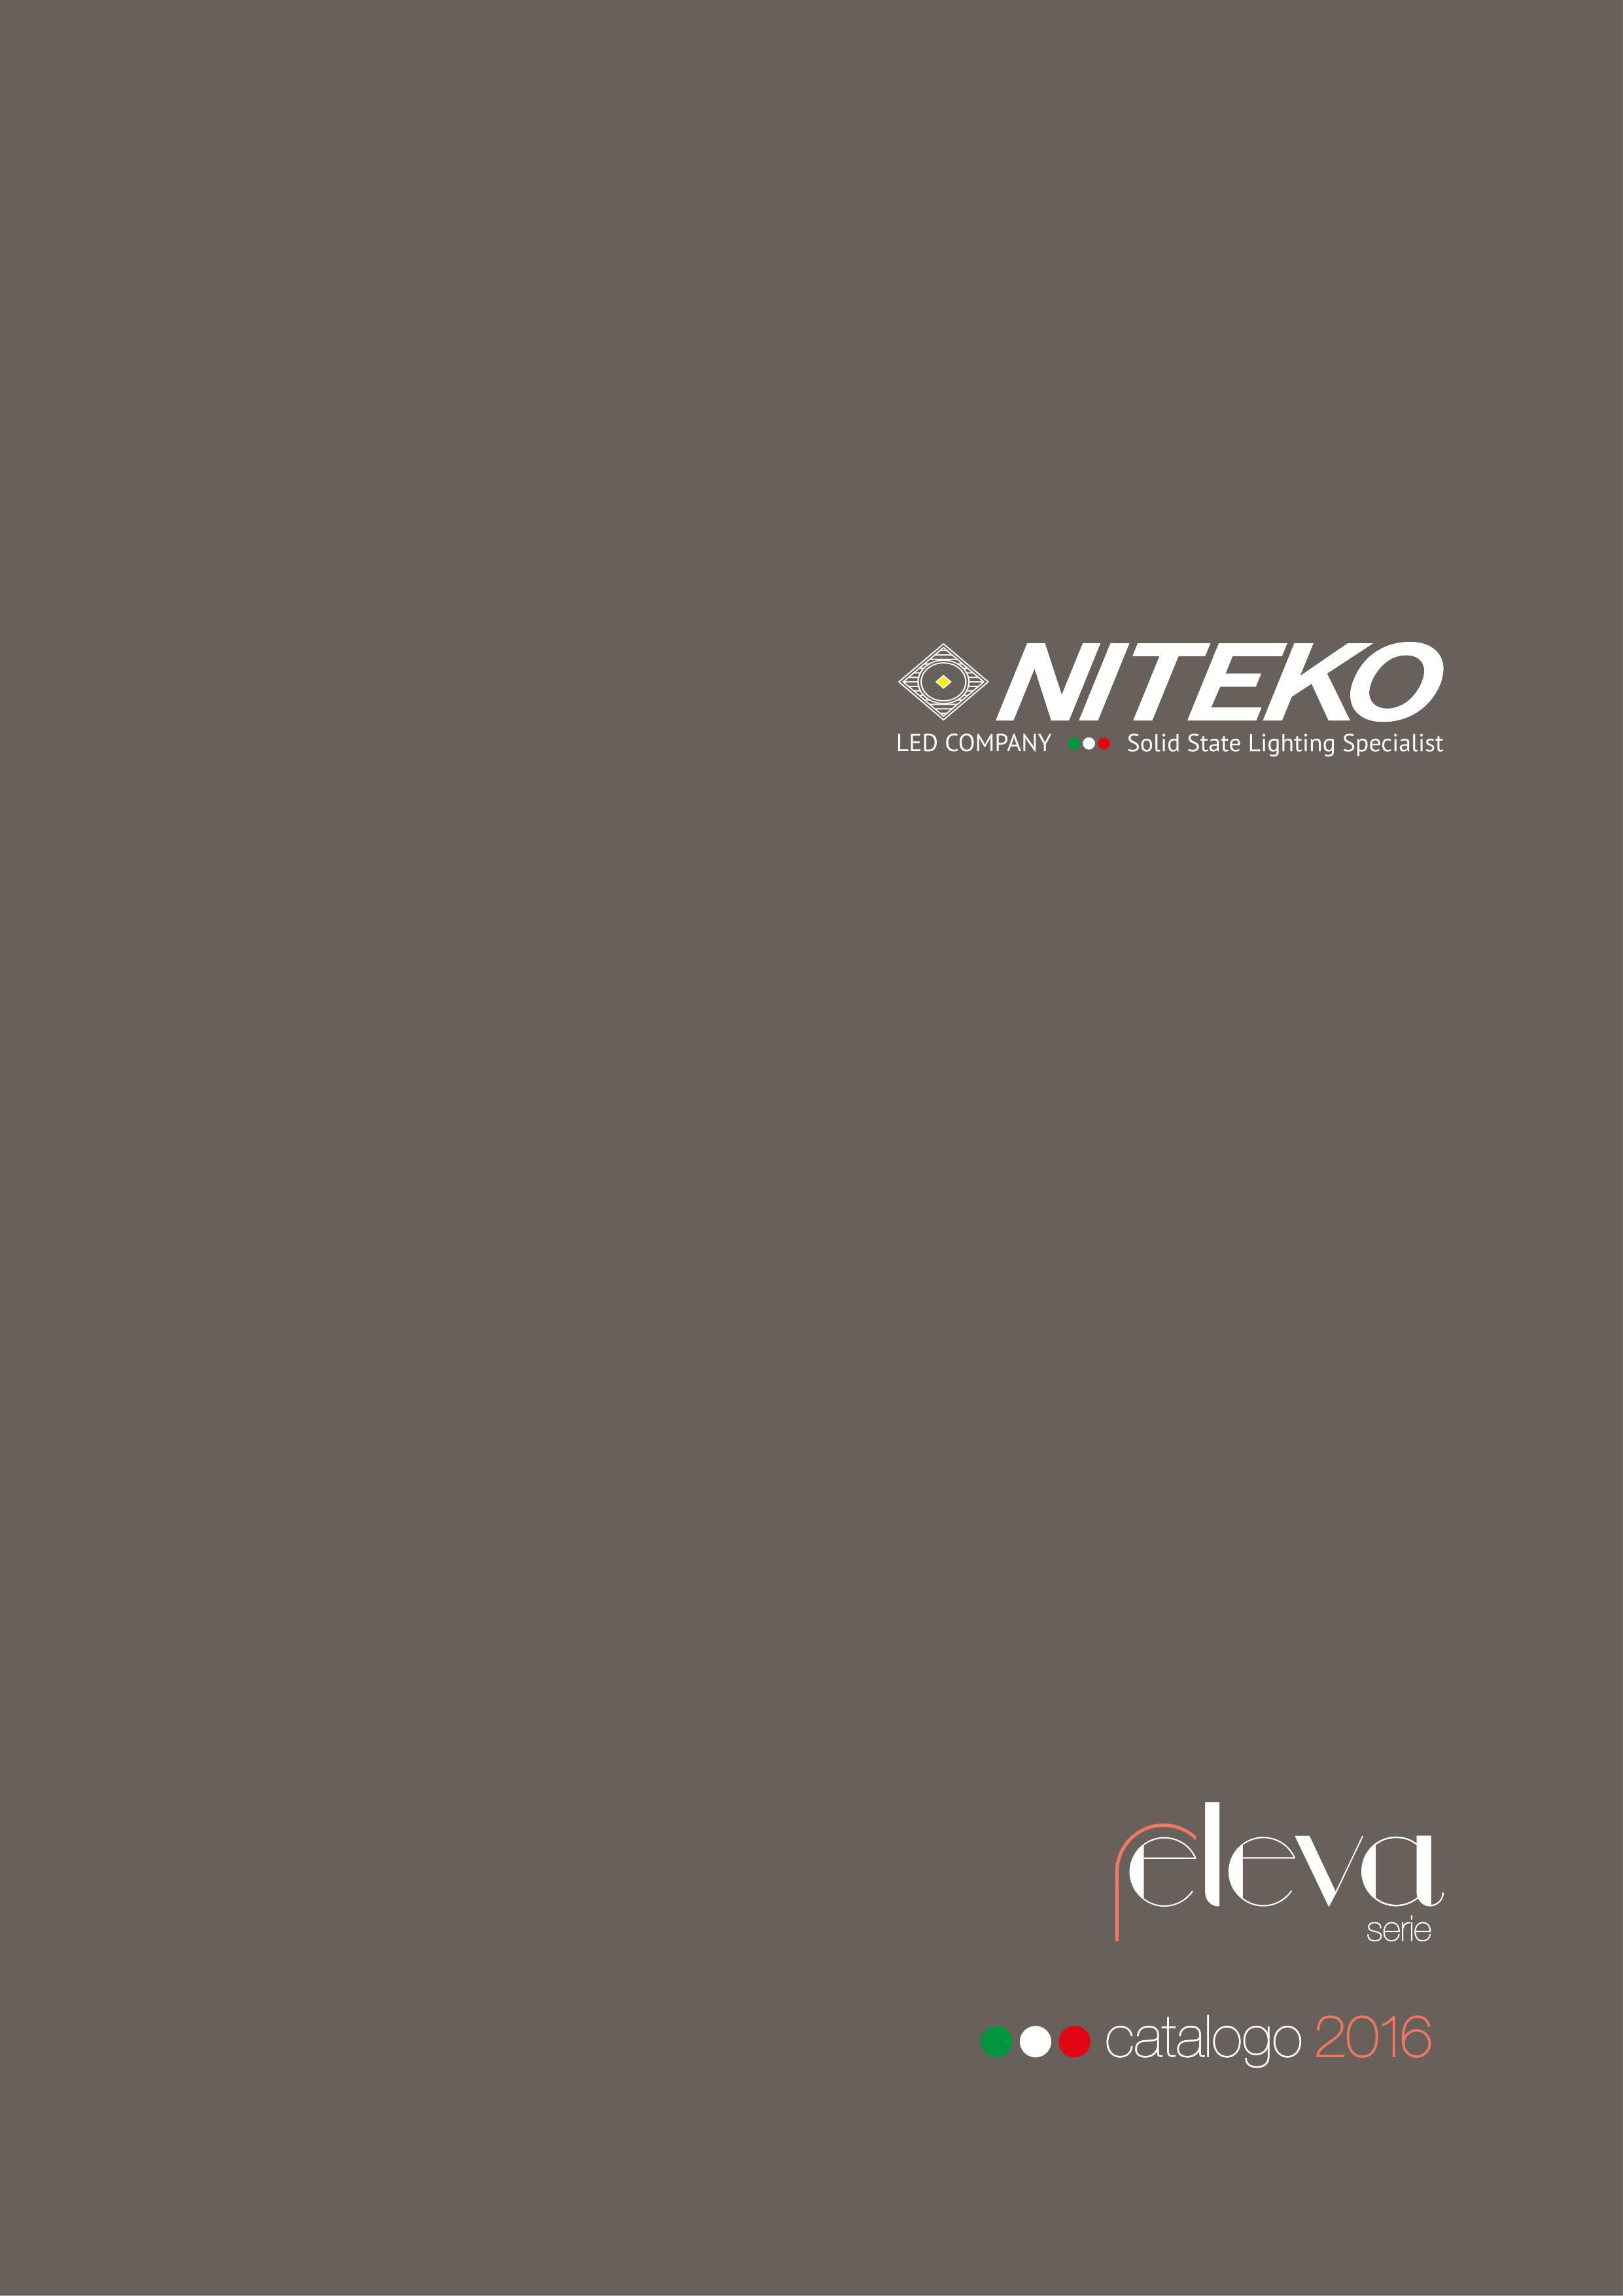 catalogo niteko